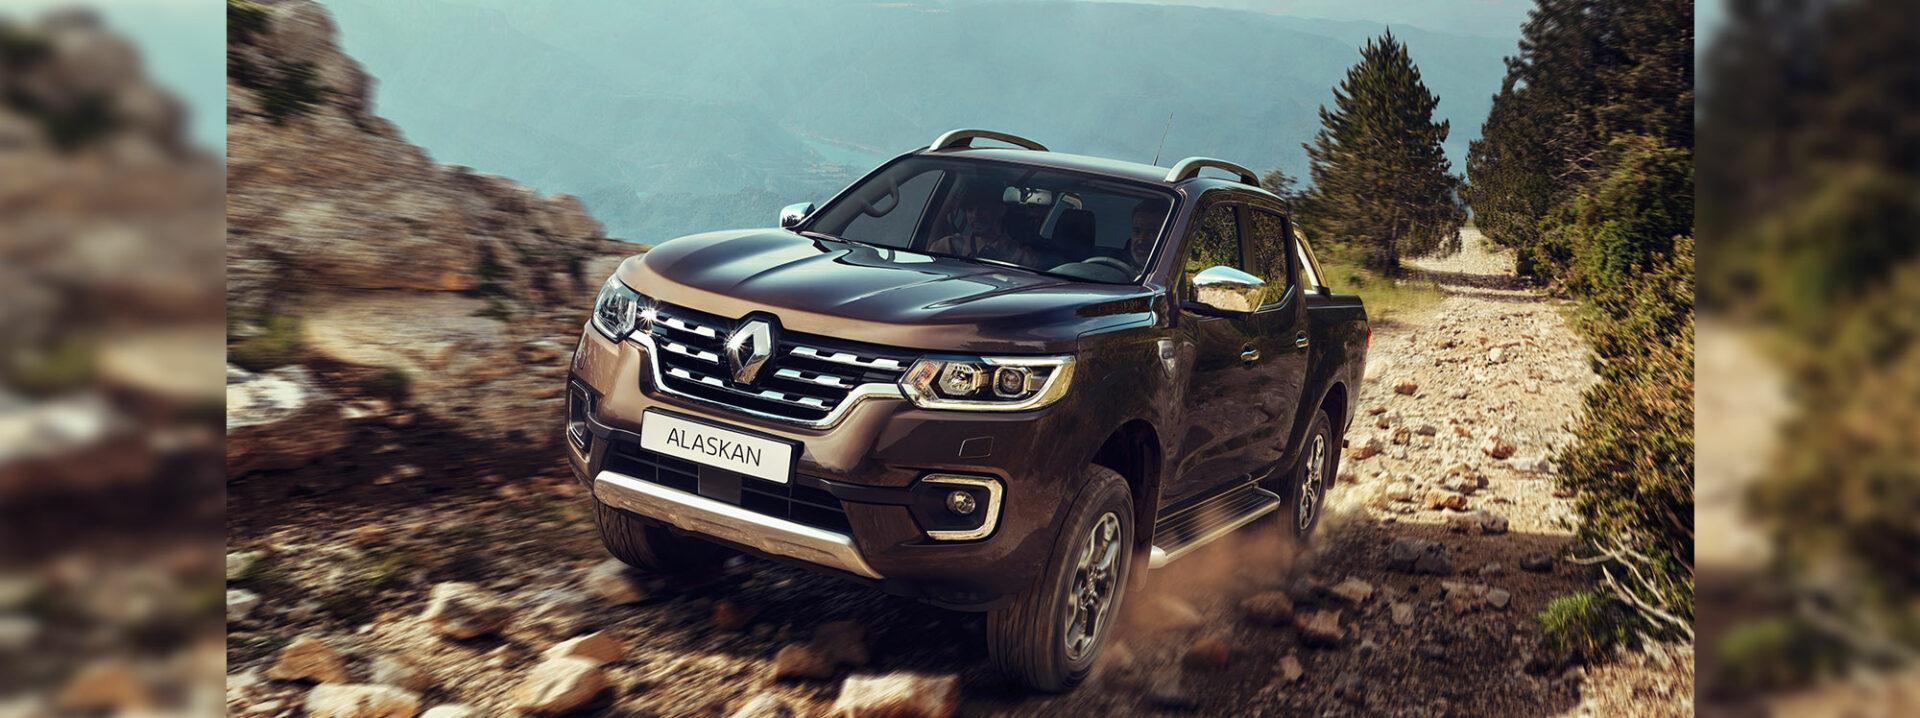 Renault Alaskan Iconic 4×4, promesa de tecnología y comodidad